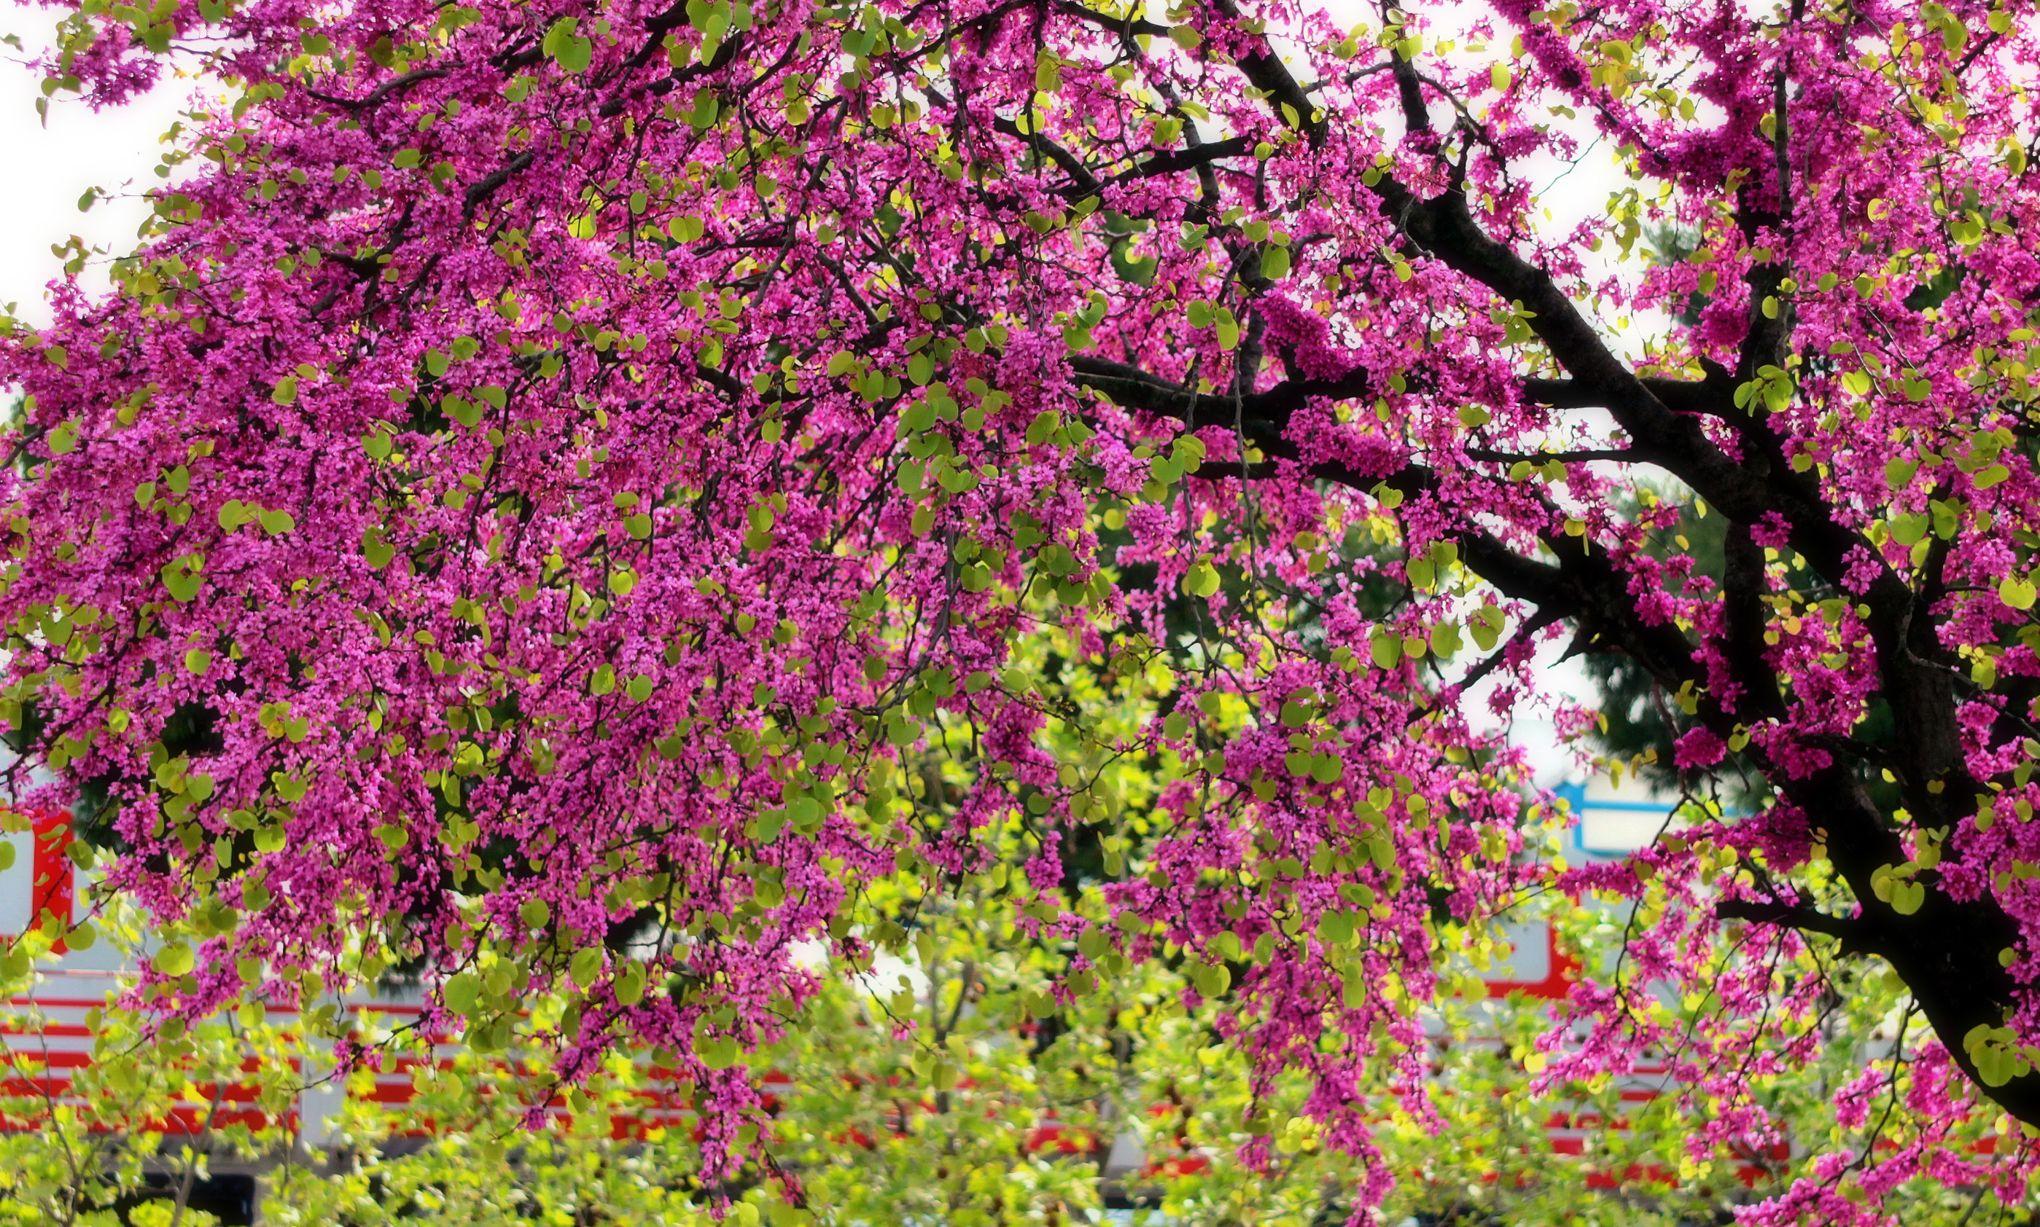 Quel Arbre À Croissance Rapide Pour Faire De L'ombre ? avec Arbre De Jardin A Croissance Rapide